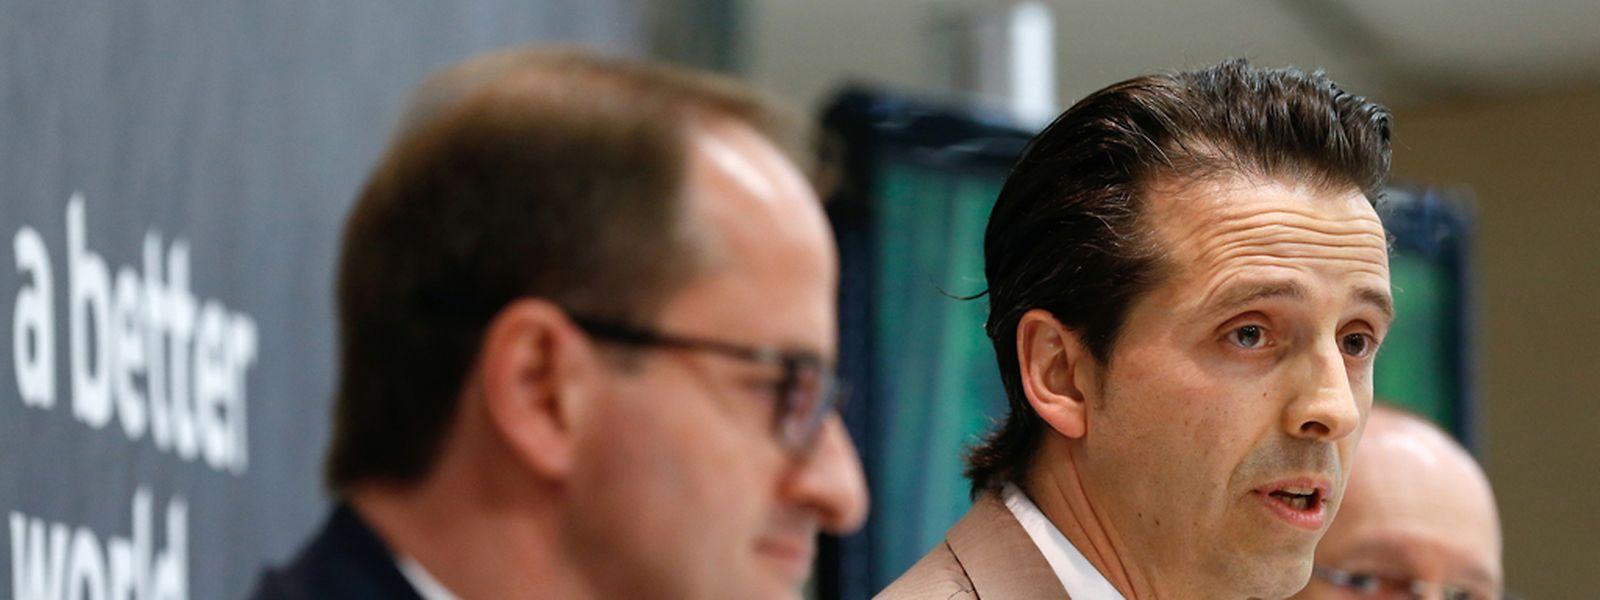 Pierre Mangers, Yves Even et John Hames ont présenté les résultats du baromètre européen des PME. (Photo: Chris Karaba)